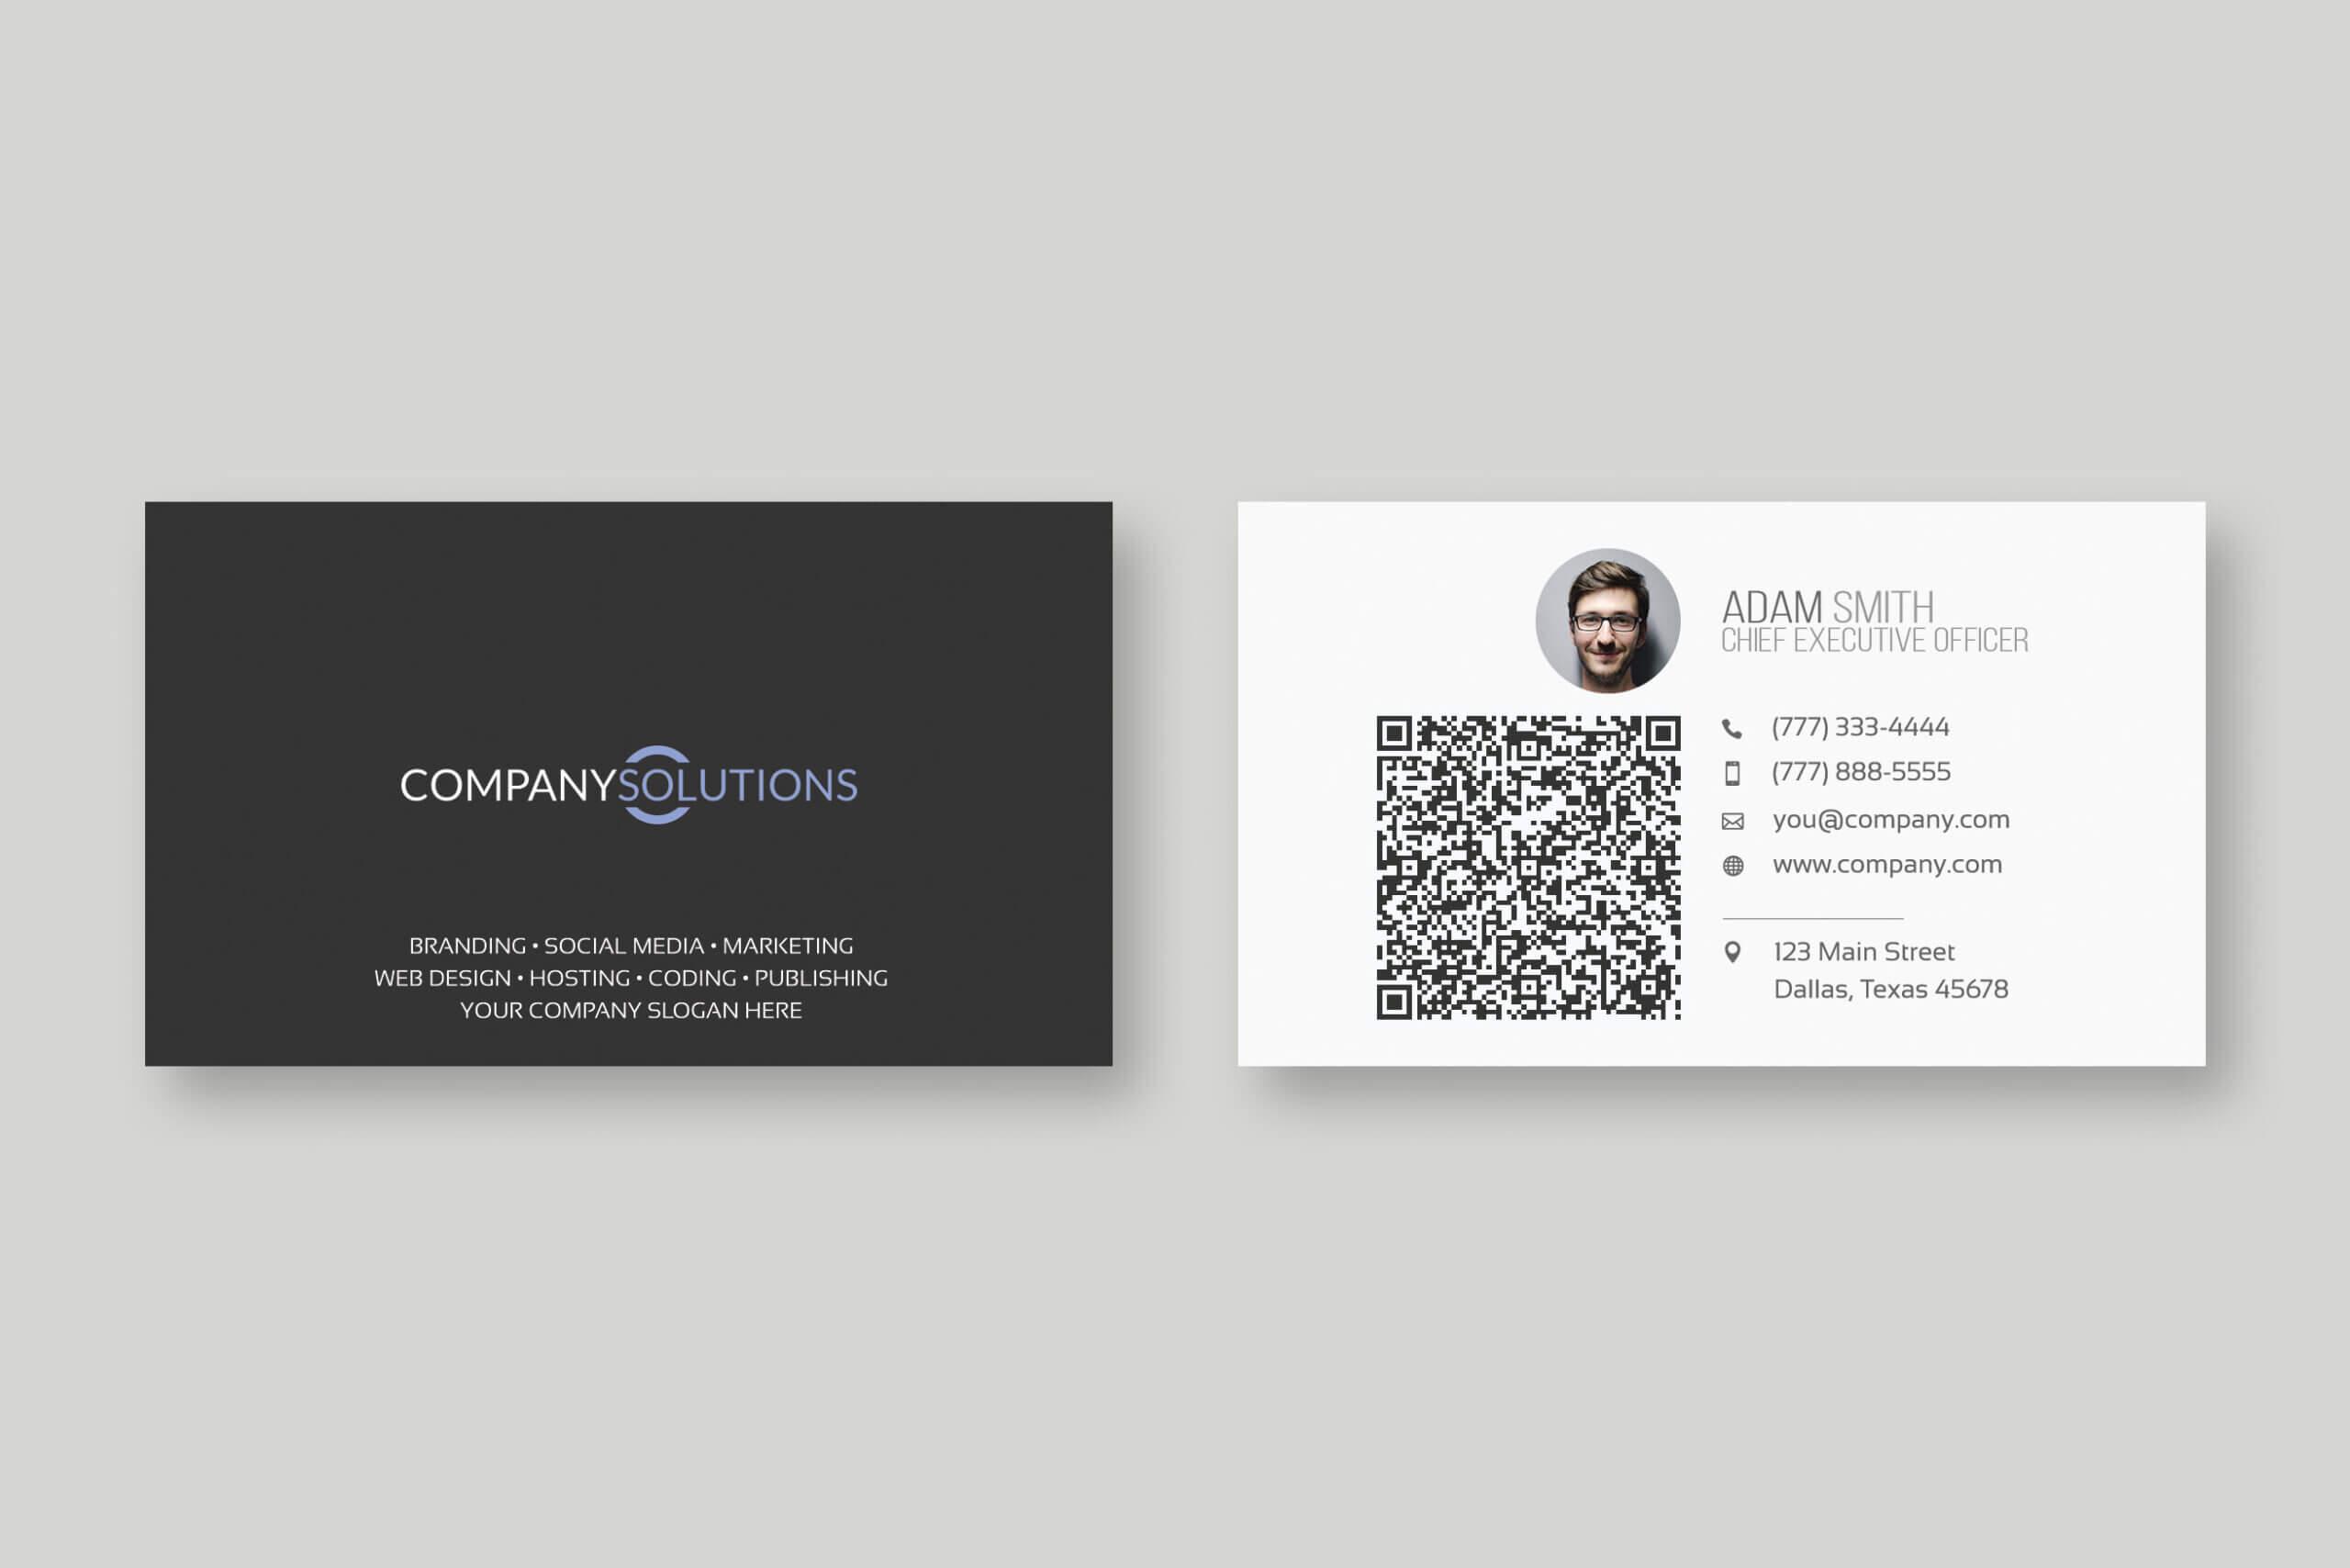 Modern Qr Code Business Card Template For Qr Code Business Card Template